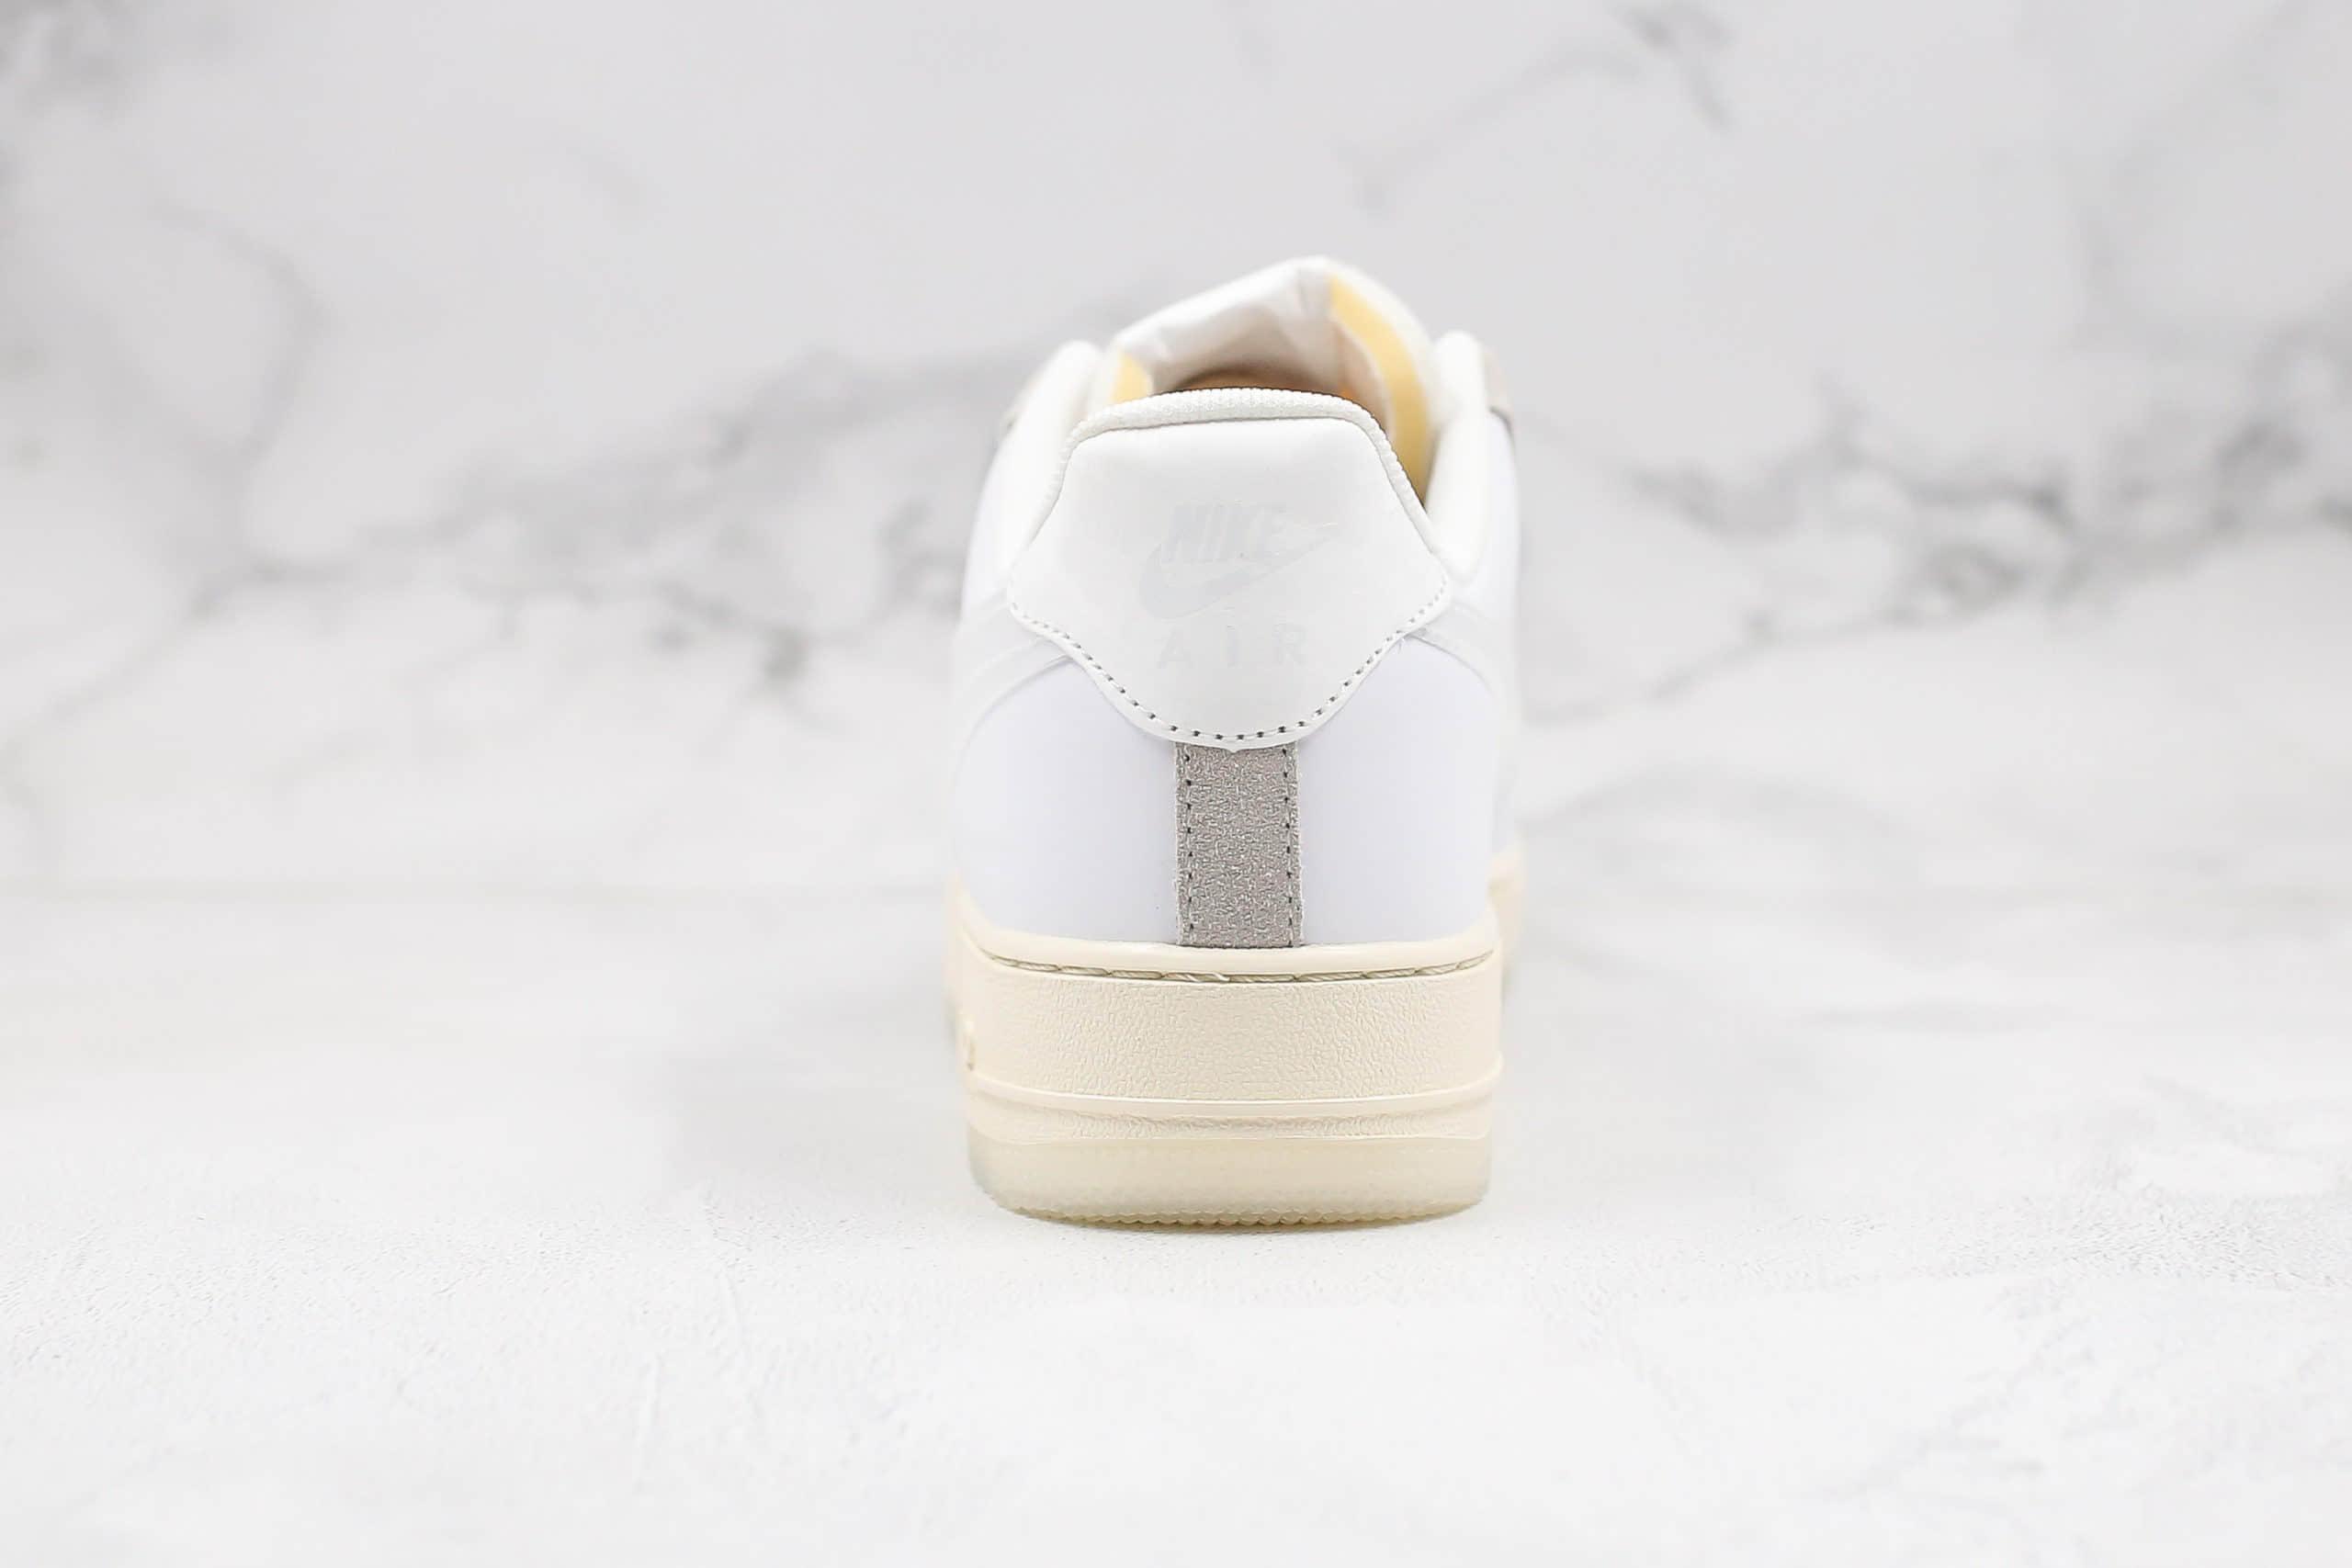 耐克Nike Air Force 1 Low DNA纯原版本低帮空军一号解构DNA米白色内置气垫透明鞋底原盒原标 货号:CV3040-100